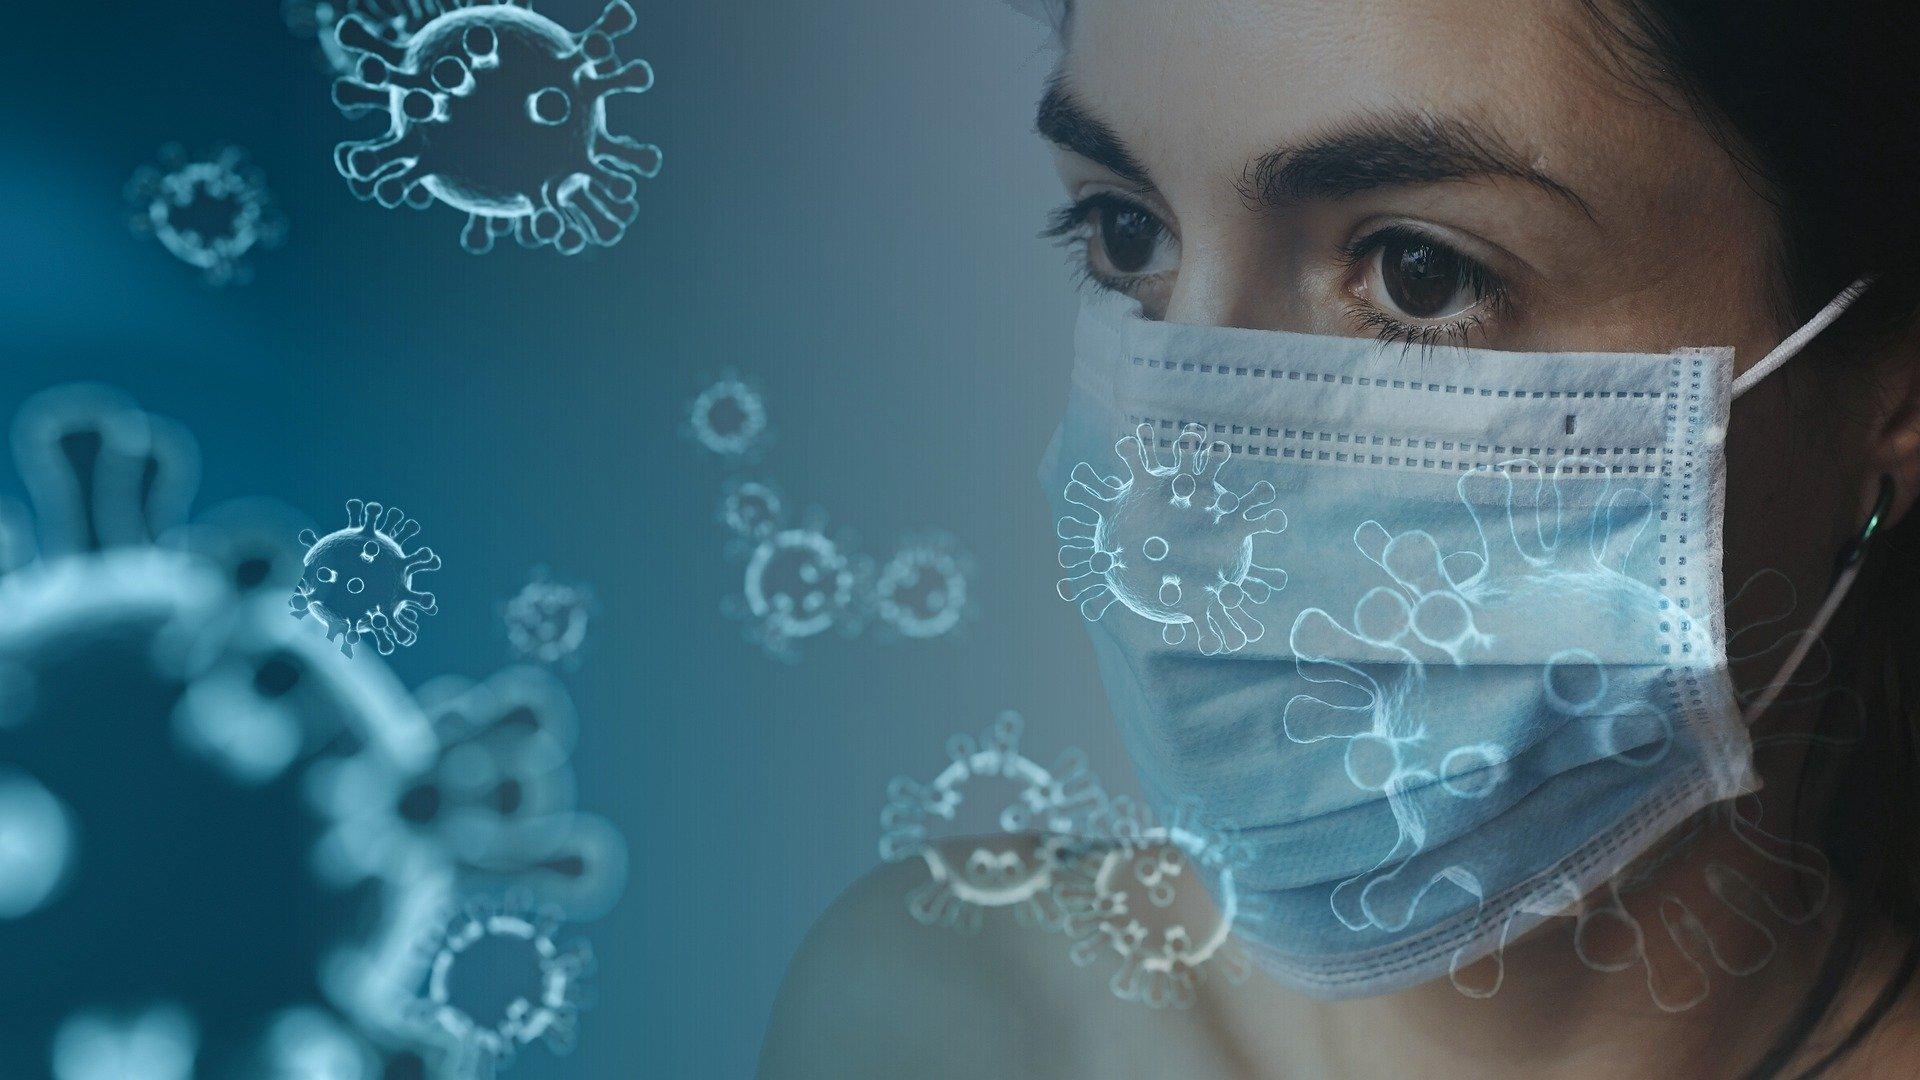 Symbolfoto Coronavirus: Viren fliegen um eine Frau mit Schutzmaske